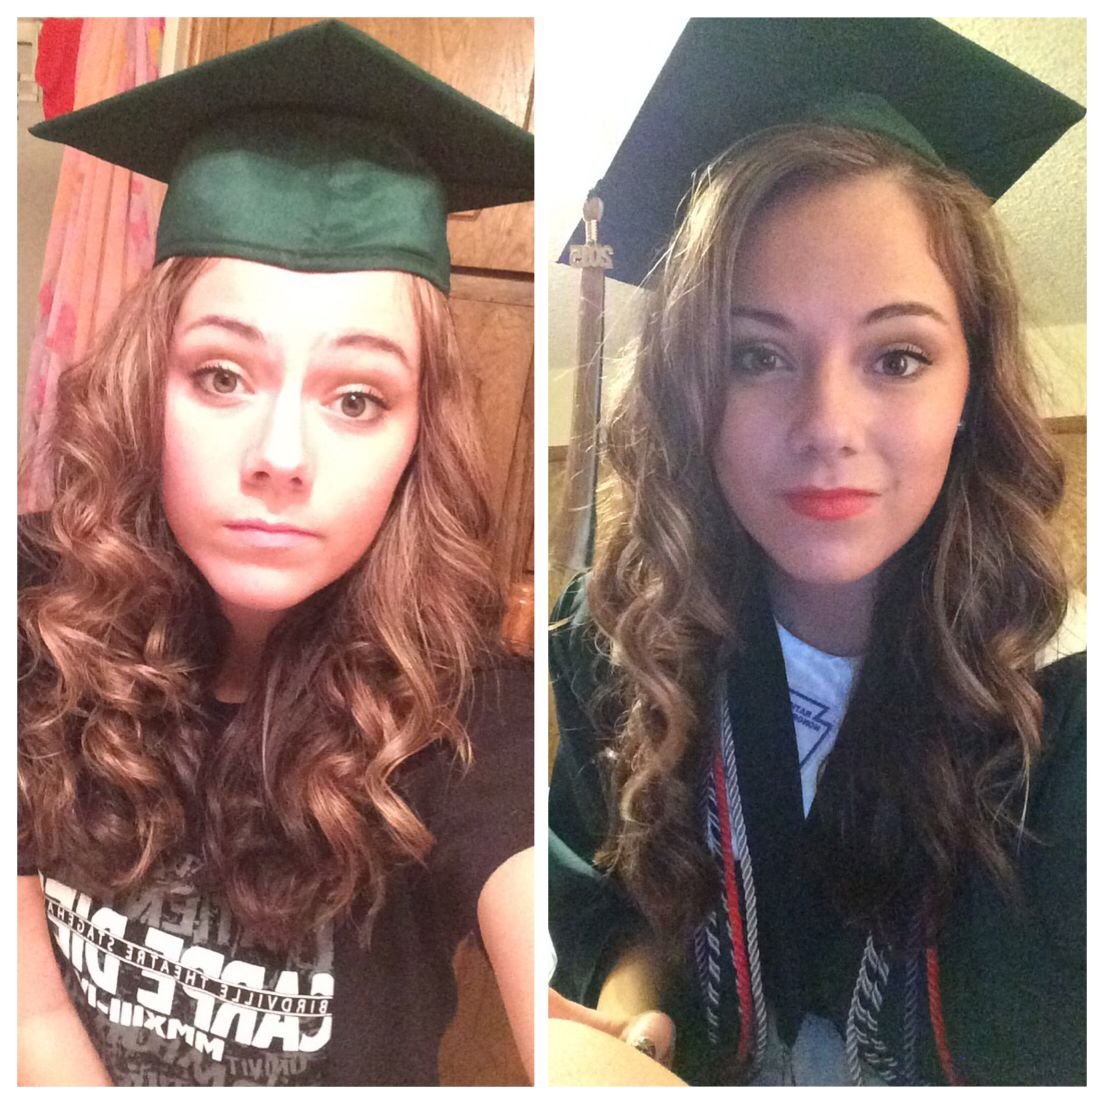 fbc2caa38e9b60299e0f8e2b7ad98b6b How to wear how to wear graduation cap 15 best outfits